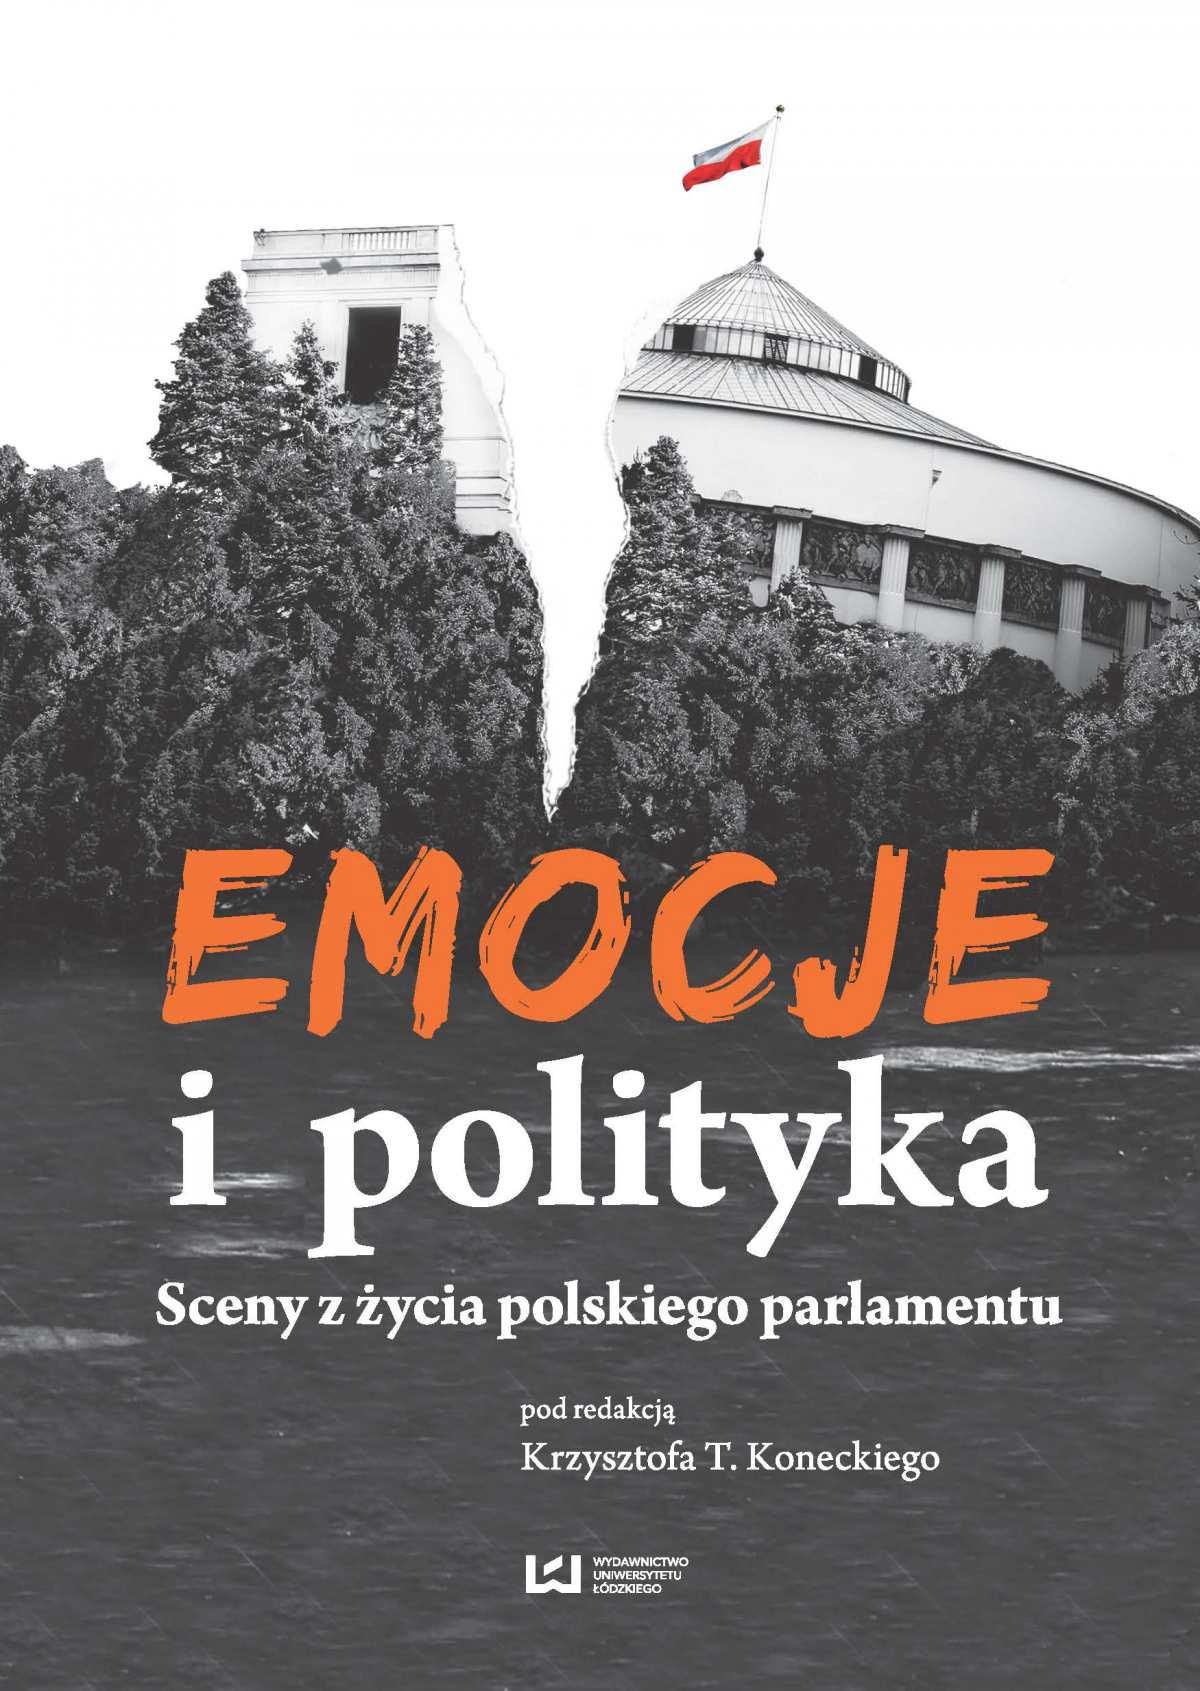 Emocje i polityka. Sceny z życia polskiego parlamentu - Ebook (Książka EPUB) do pobrania w formacie EPUB